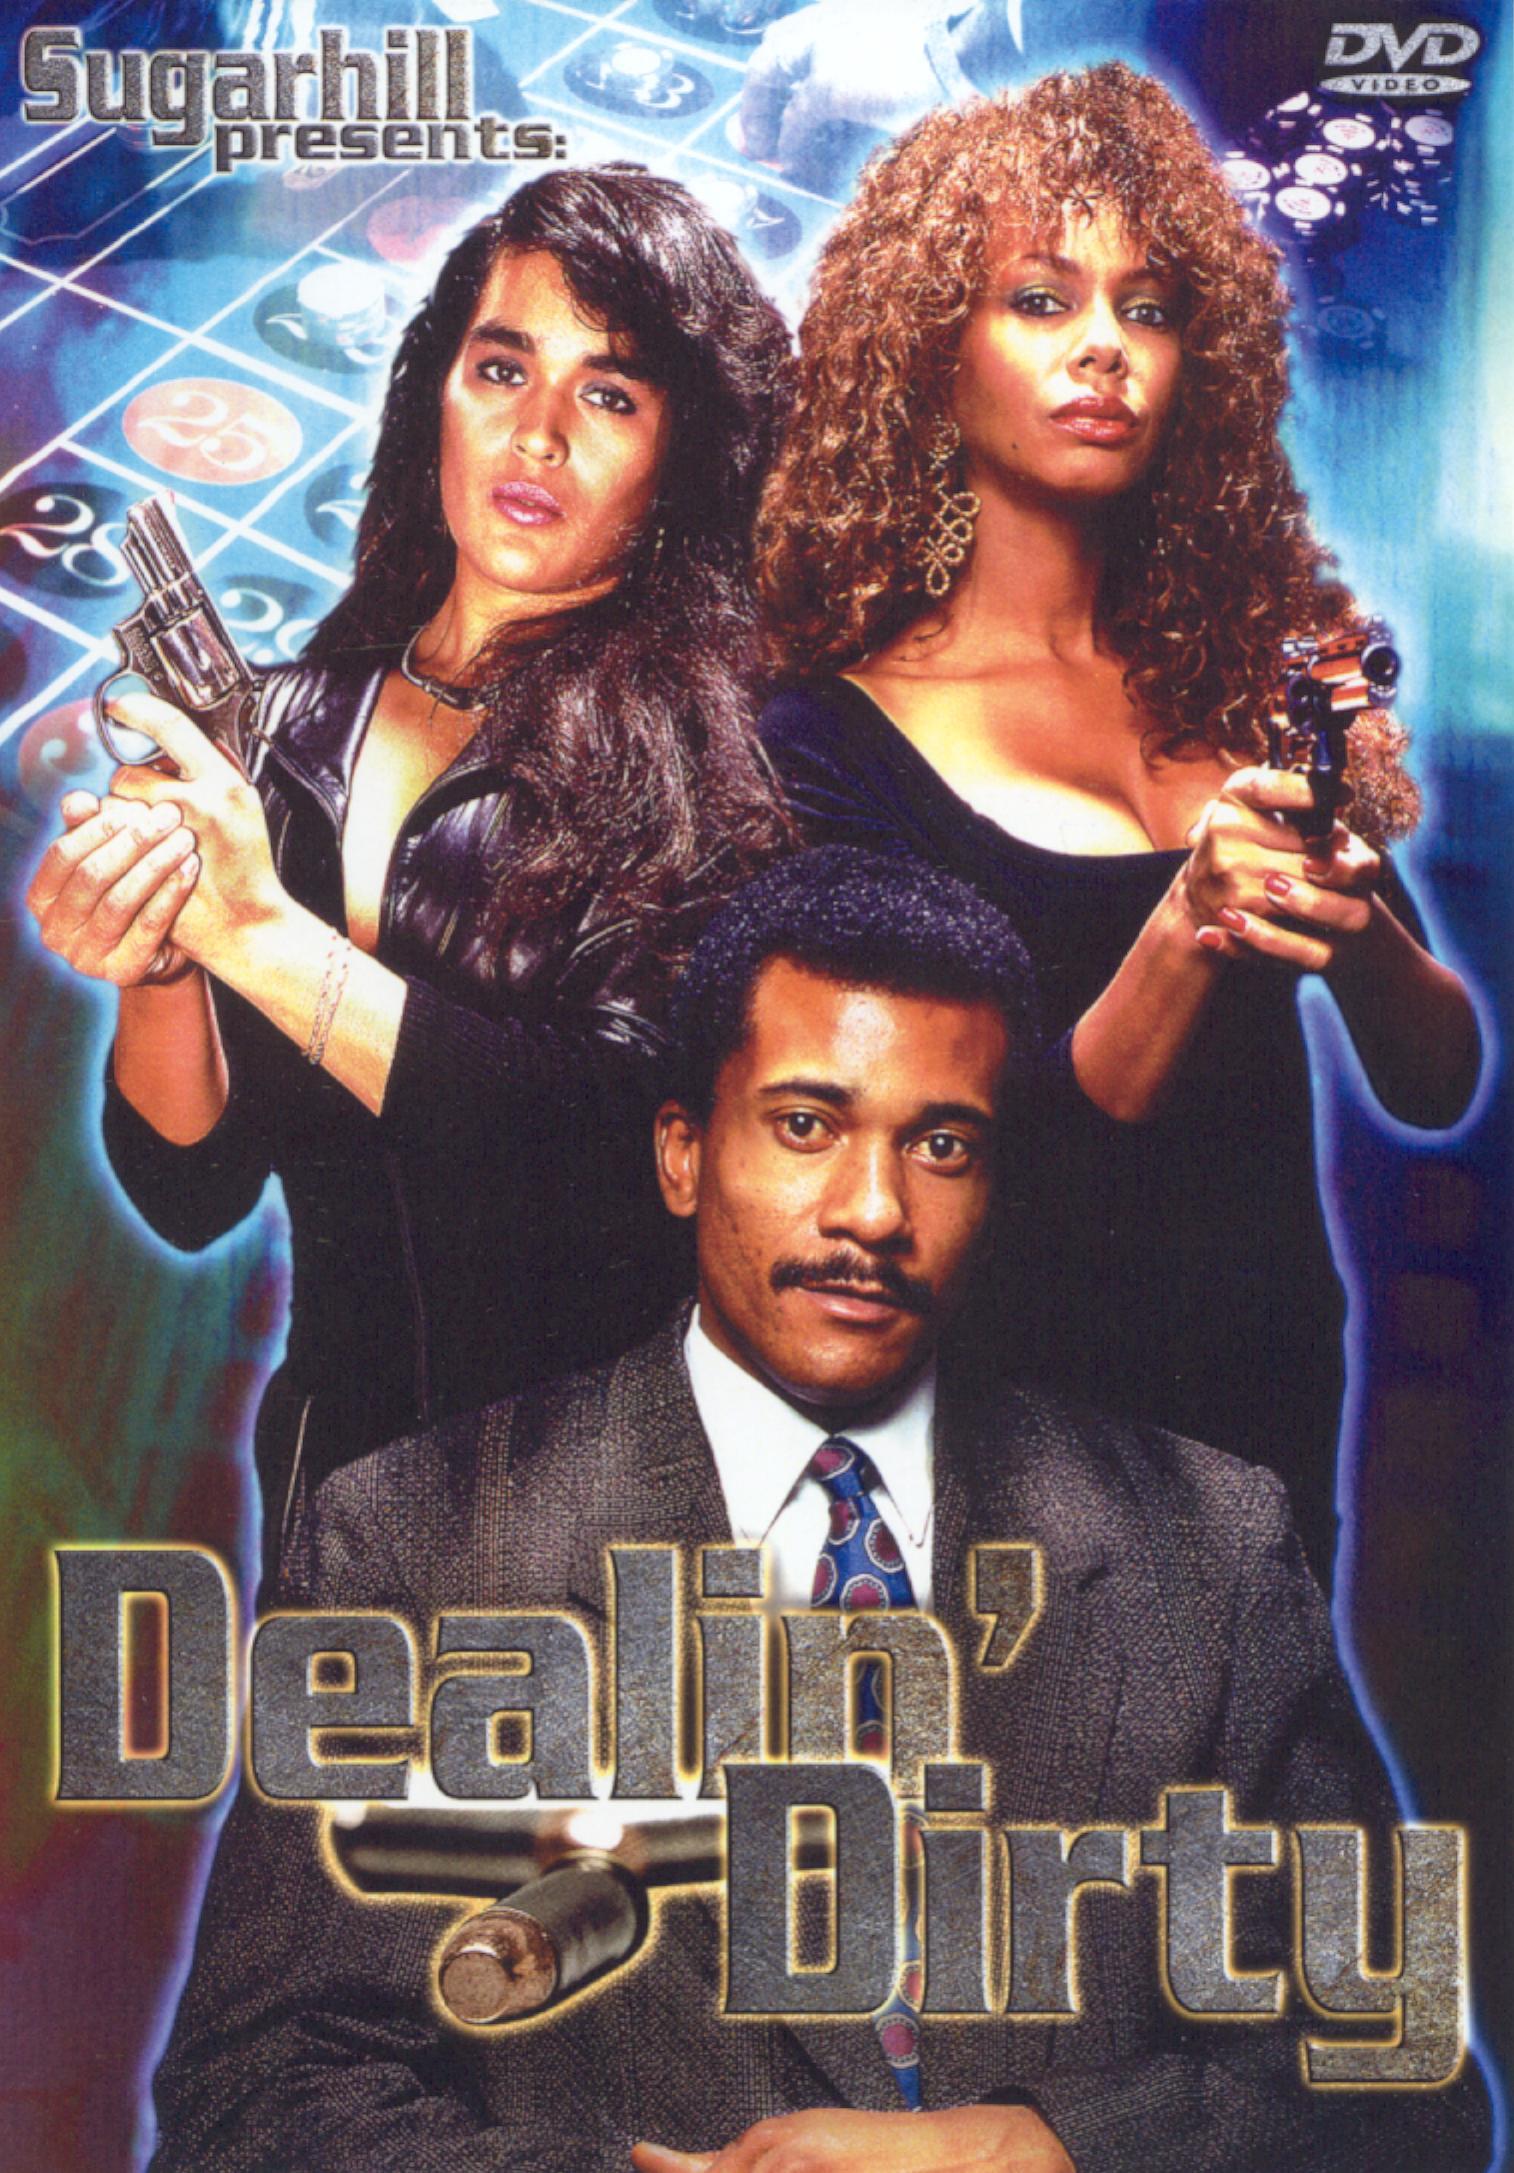 Sugar Hill, 2: Dealin' Dirty, Saga Continues